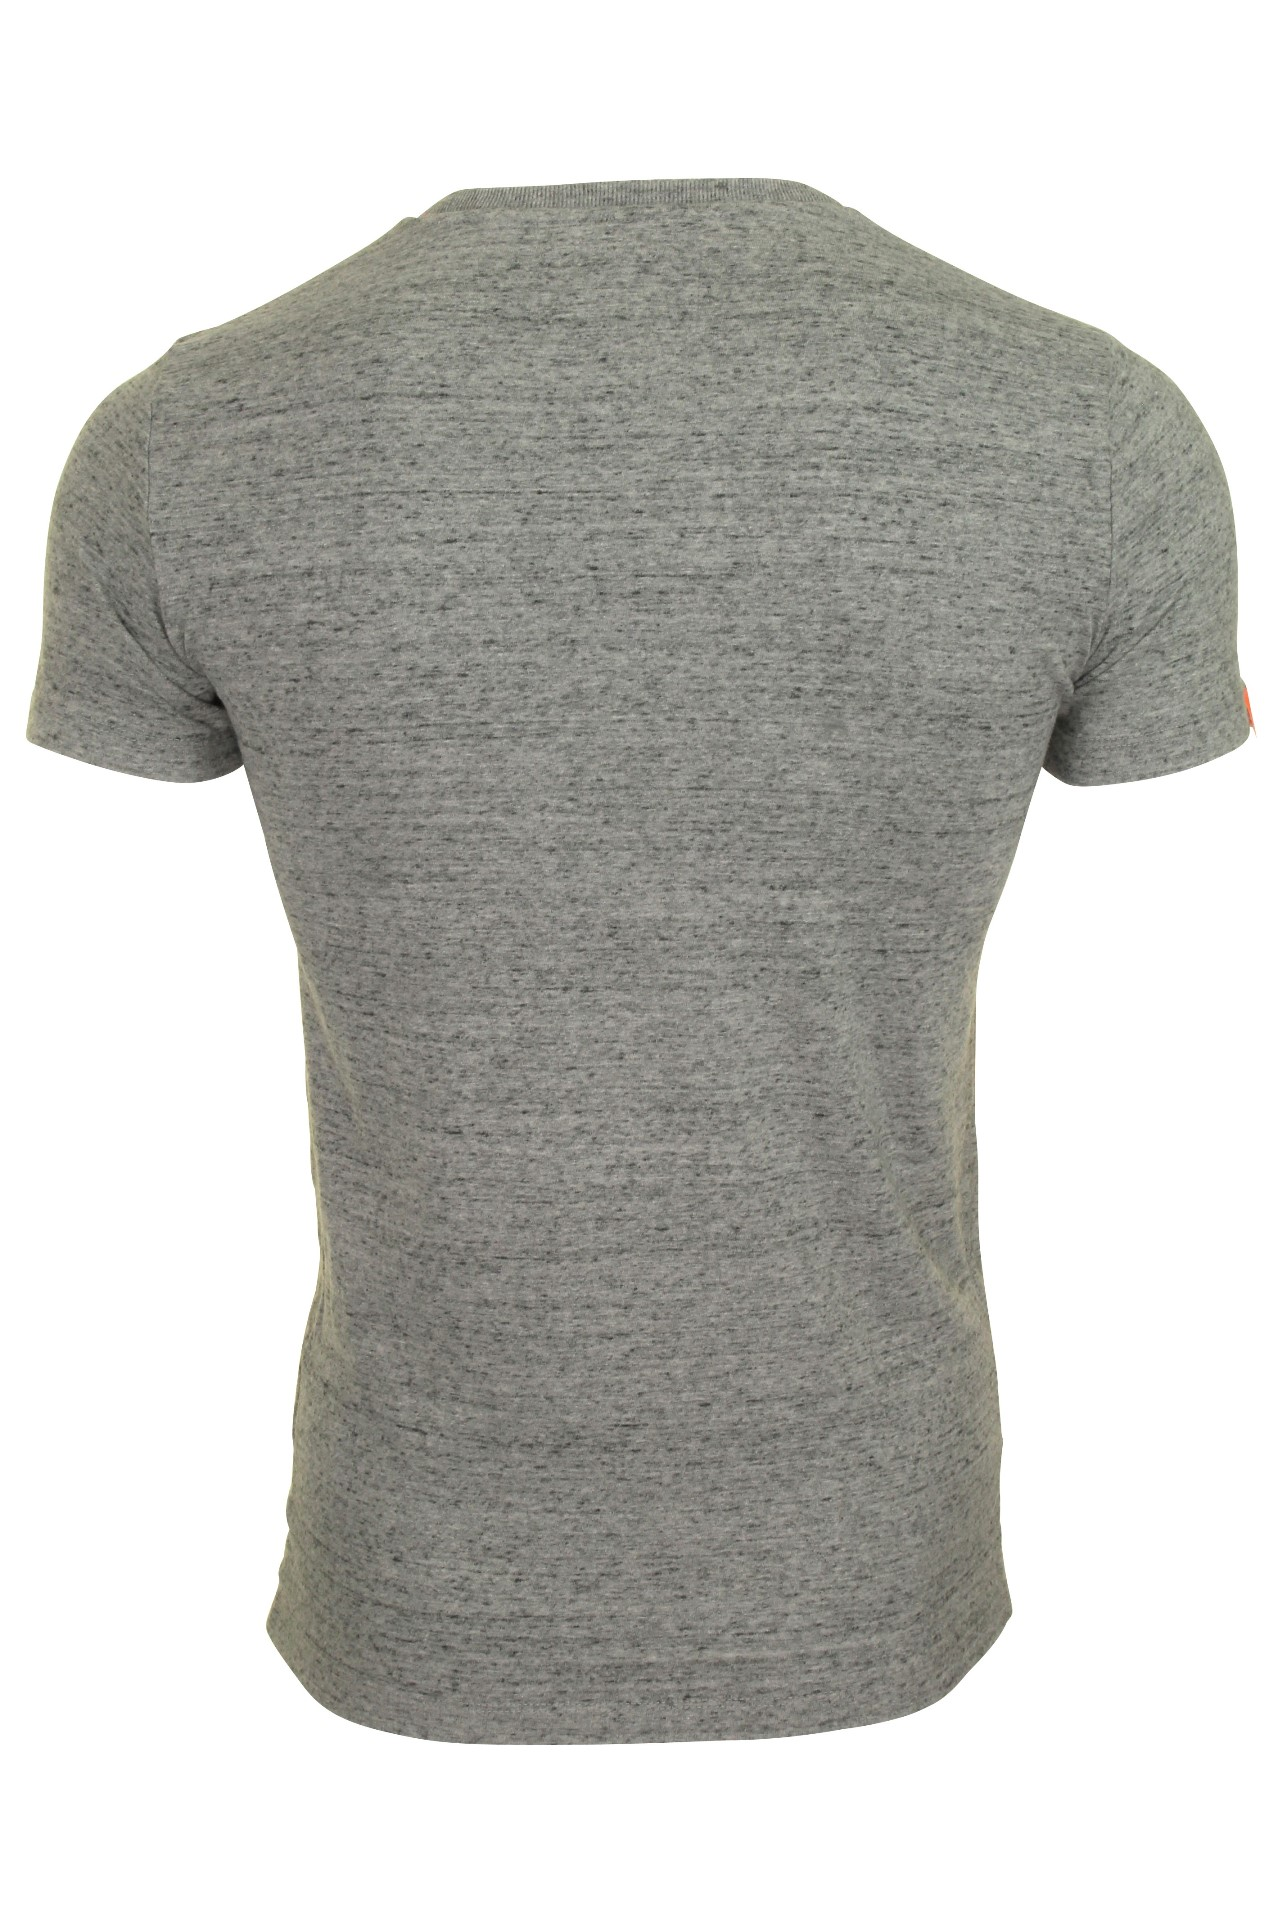 Camisa-Para-Hombres-039-Orange-Label-Vintage-de-039-Cuello-Redondo-Camiseta miniatura 11